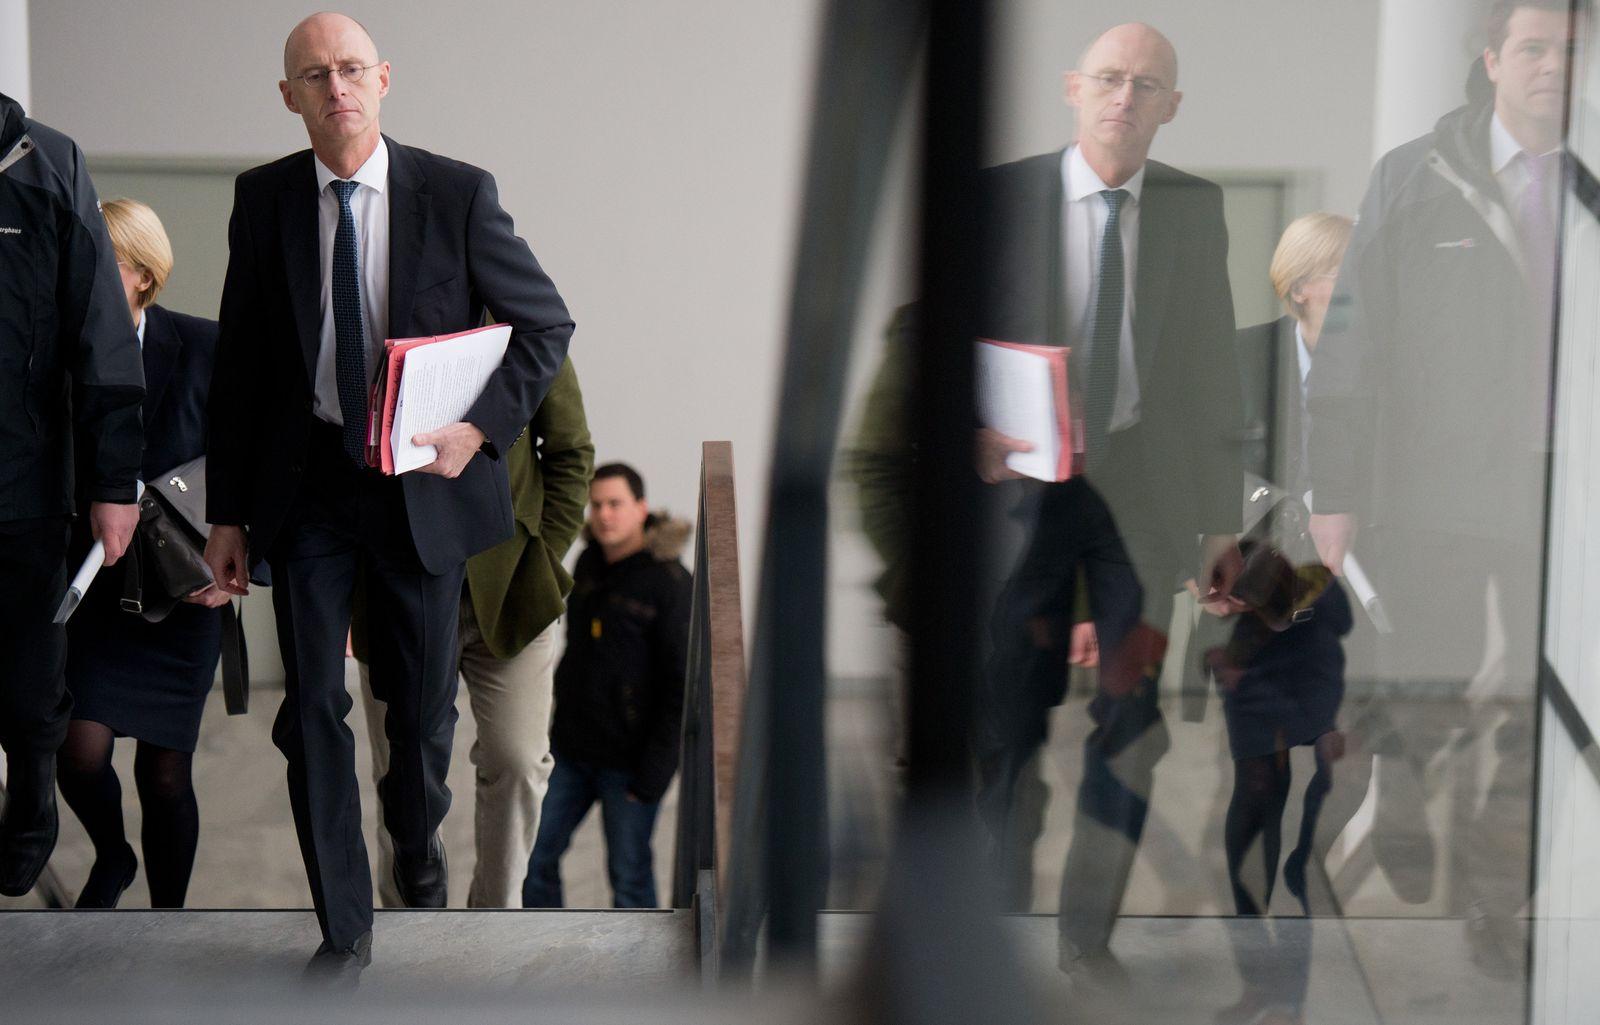 Staatsanwaltschaft Hannover zu Edathy